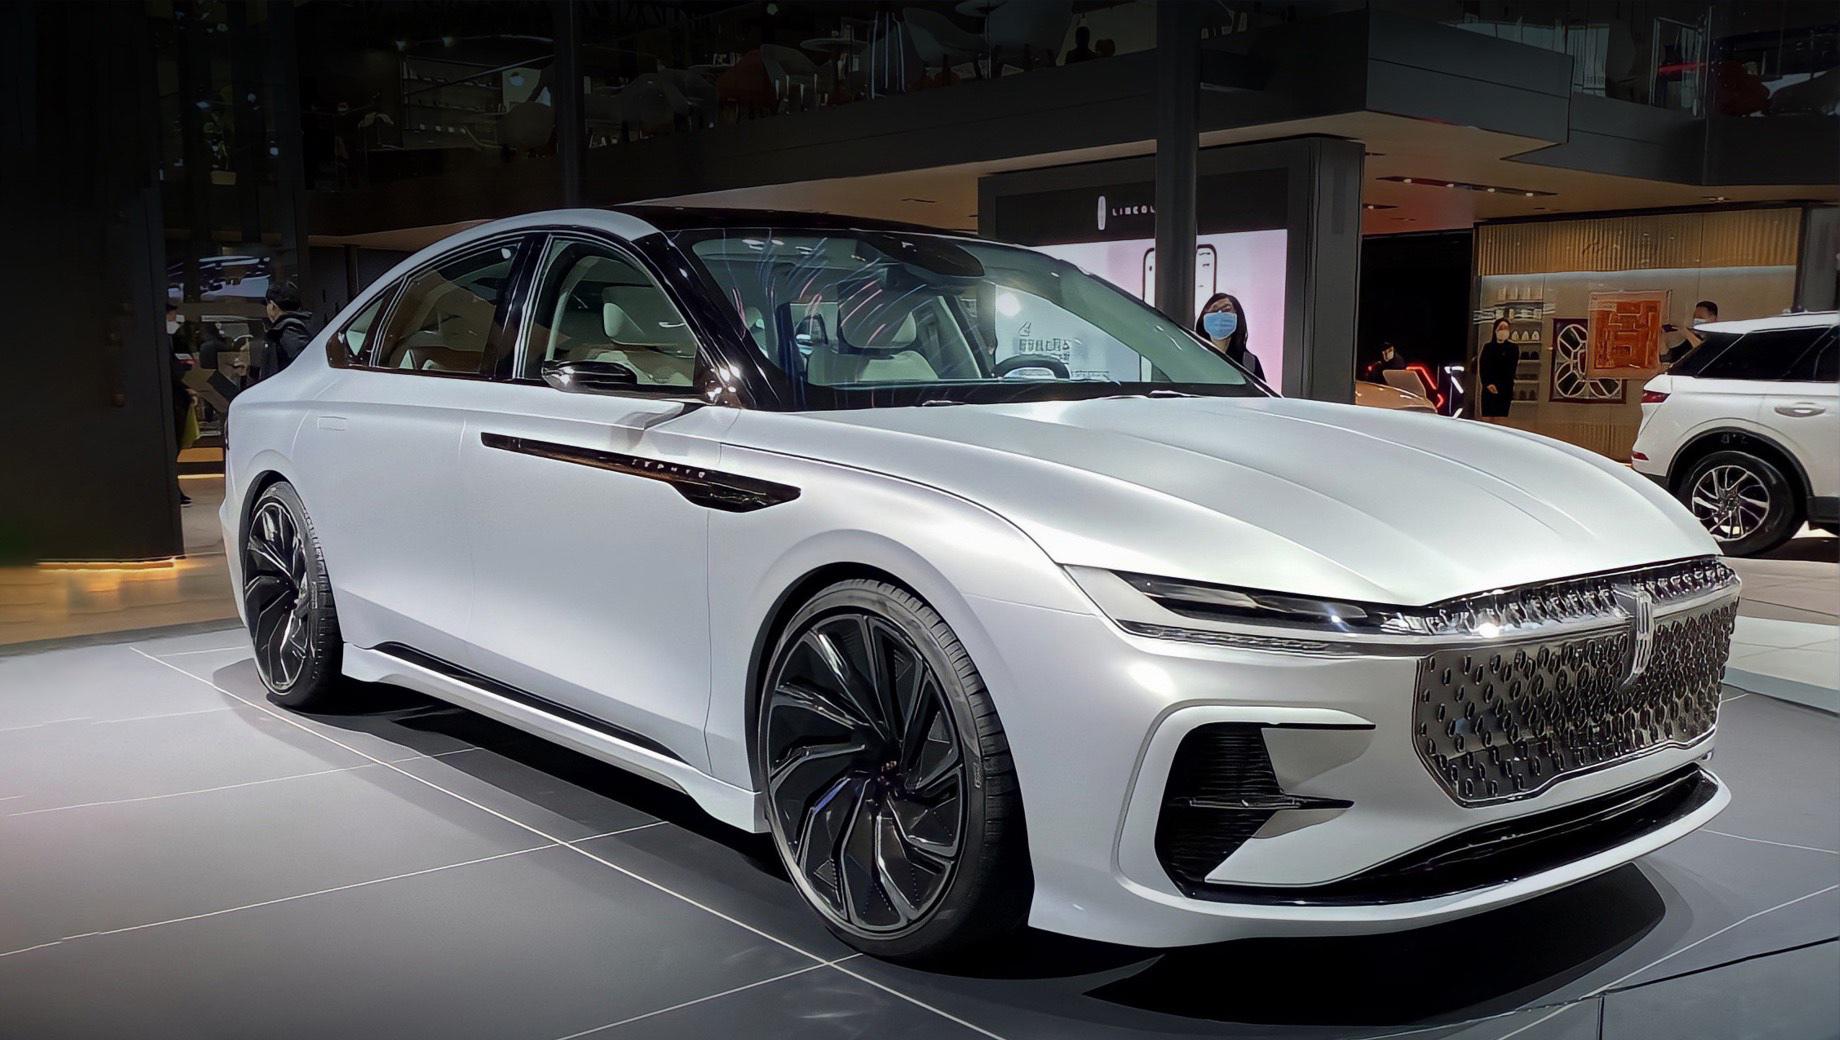 Lincoln zephyr. Прототип Zephyr Reflection (на фото) был показан в апреле на шоу Auto Shanghai без характеристик. Компания Lincoln заявила, что новая четырёхдверка адресована молодым клиентам только в Китае.